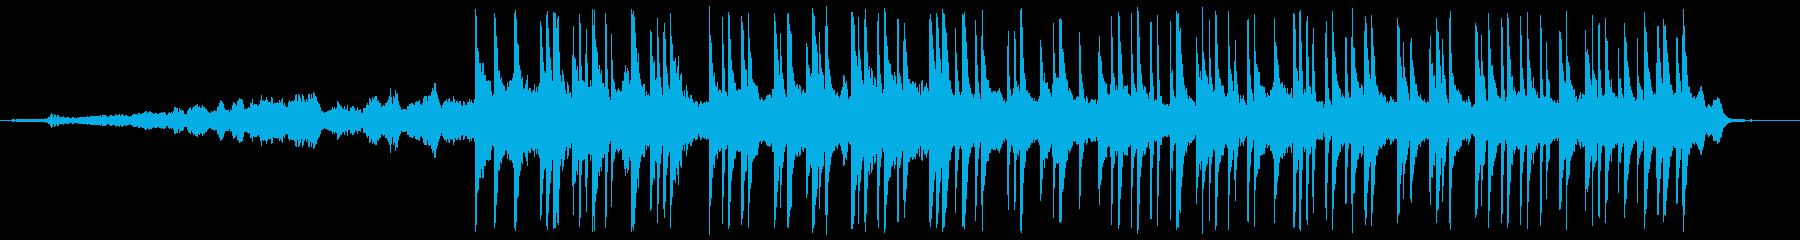 ほのぼのと黙々と暮らす民族の音楽の再生済みの波形